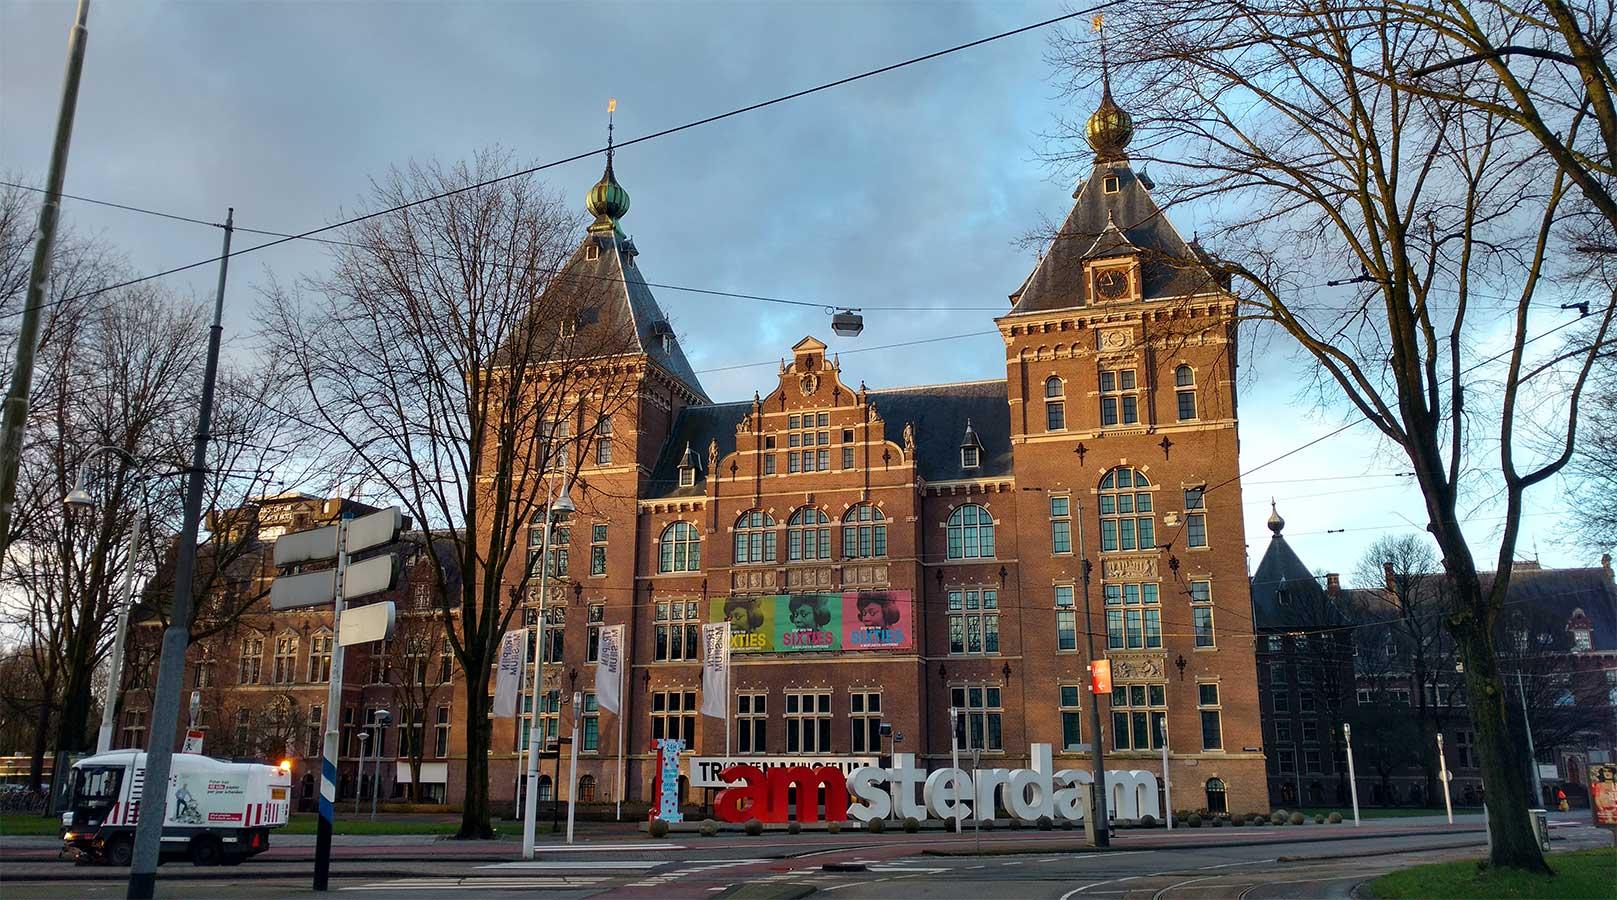 KIT van voren met I AMSTERDAM letterlogo er voor